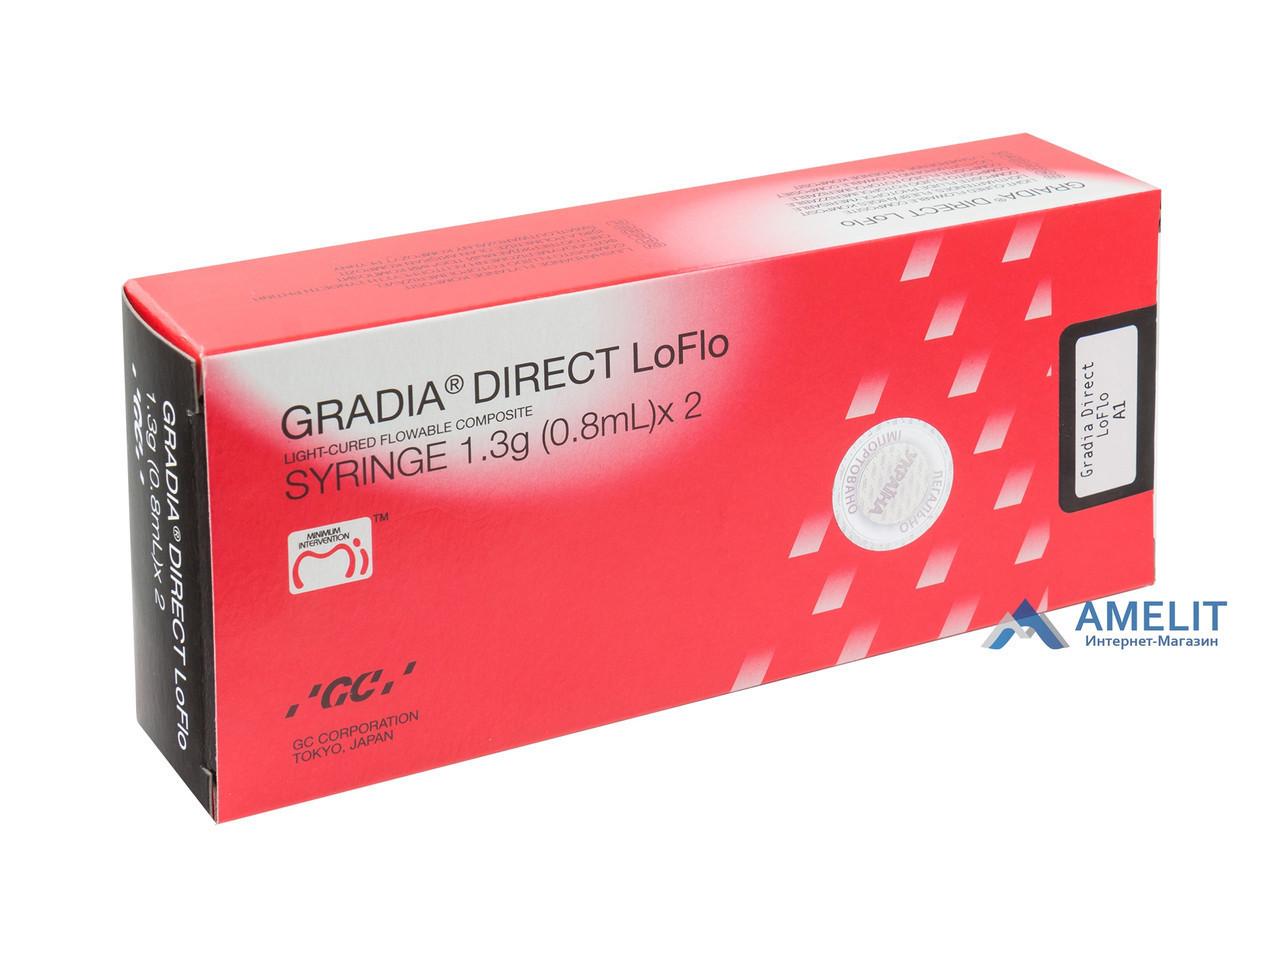 Градиа Дайрект ЛоФлоу А3,5 (Gradia Direct Lo Flo, GC), шприц 1,3 г